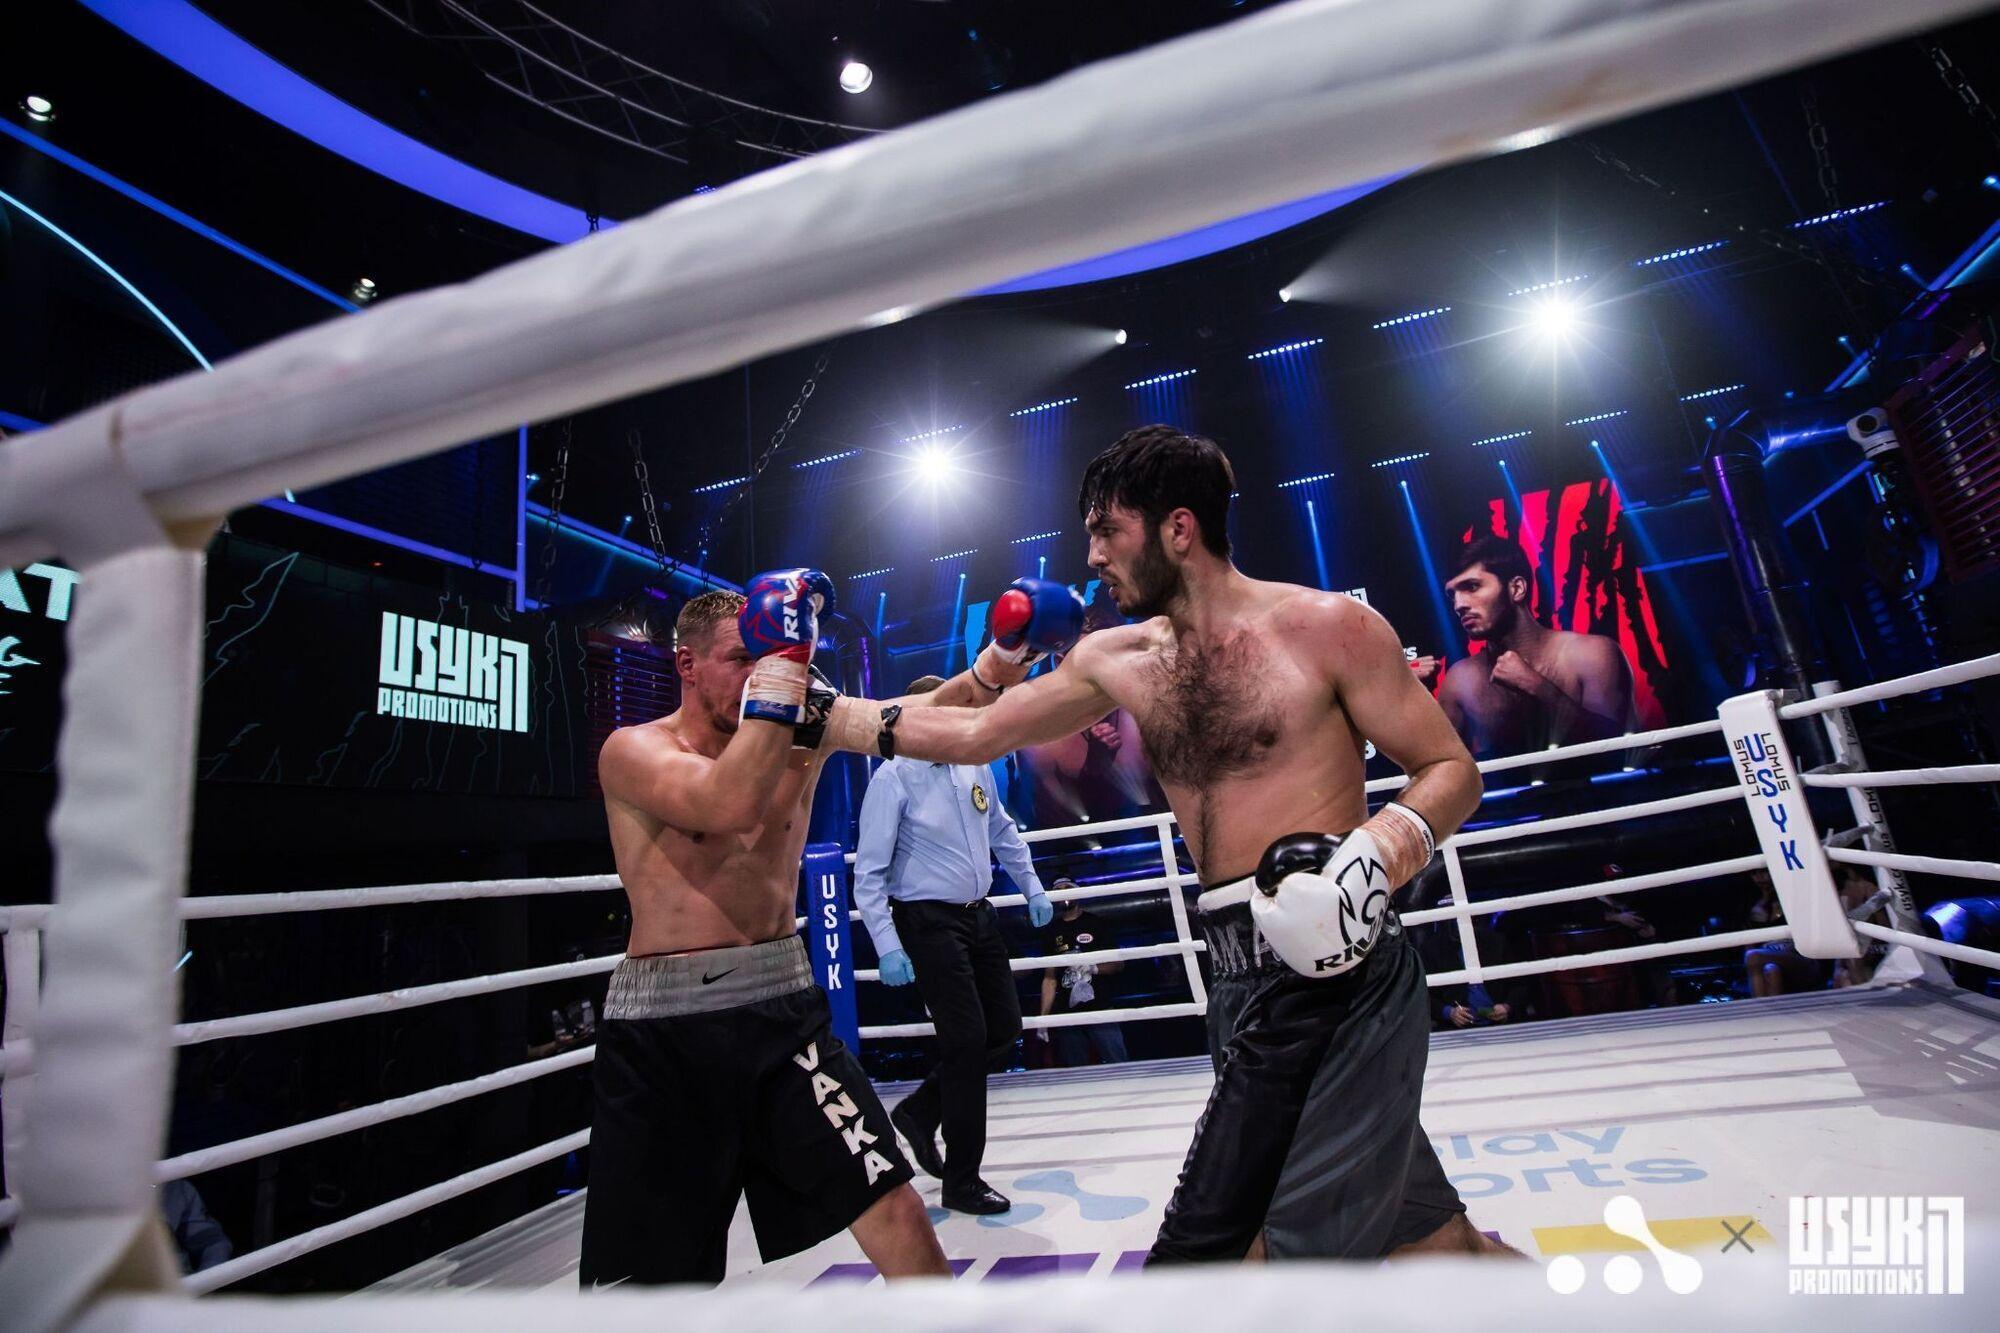 В восьмом раунде Гаджиев очередной удачной двойкой едва не отправил оппонента на пол